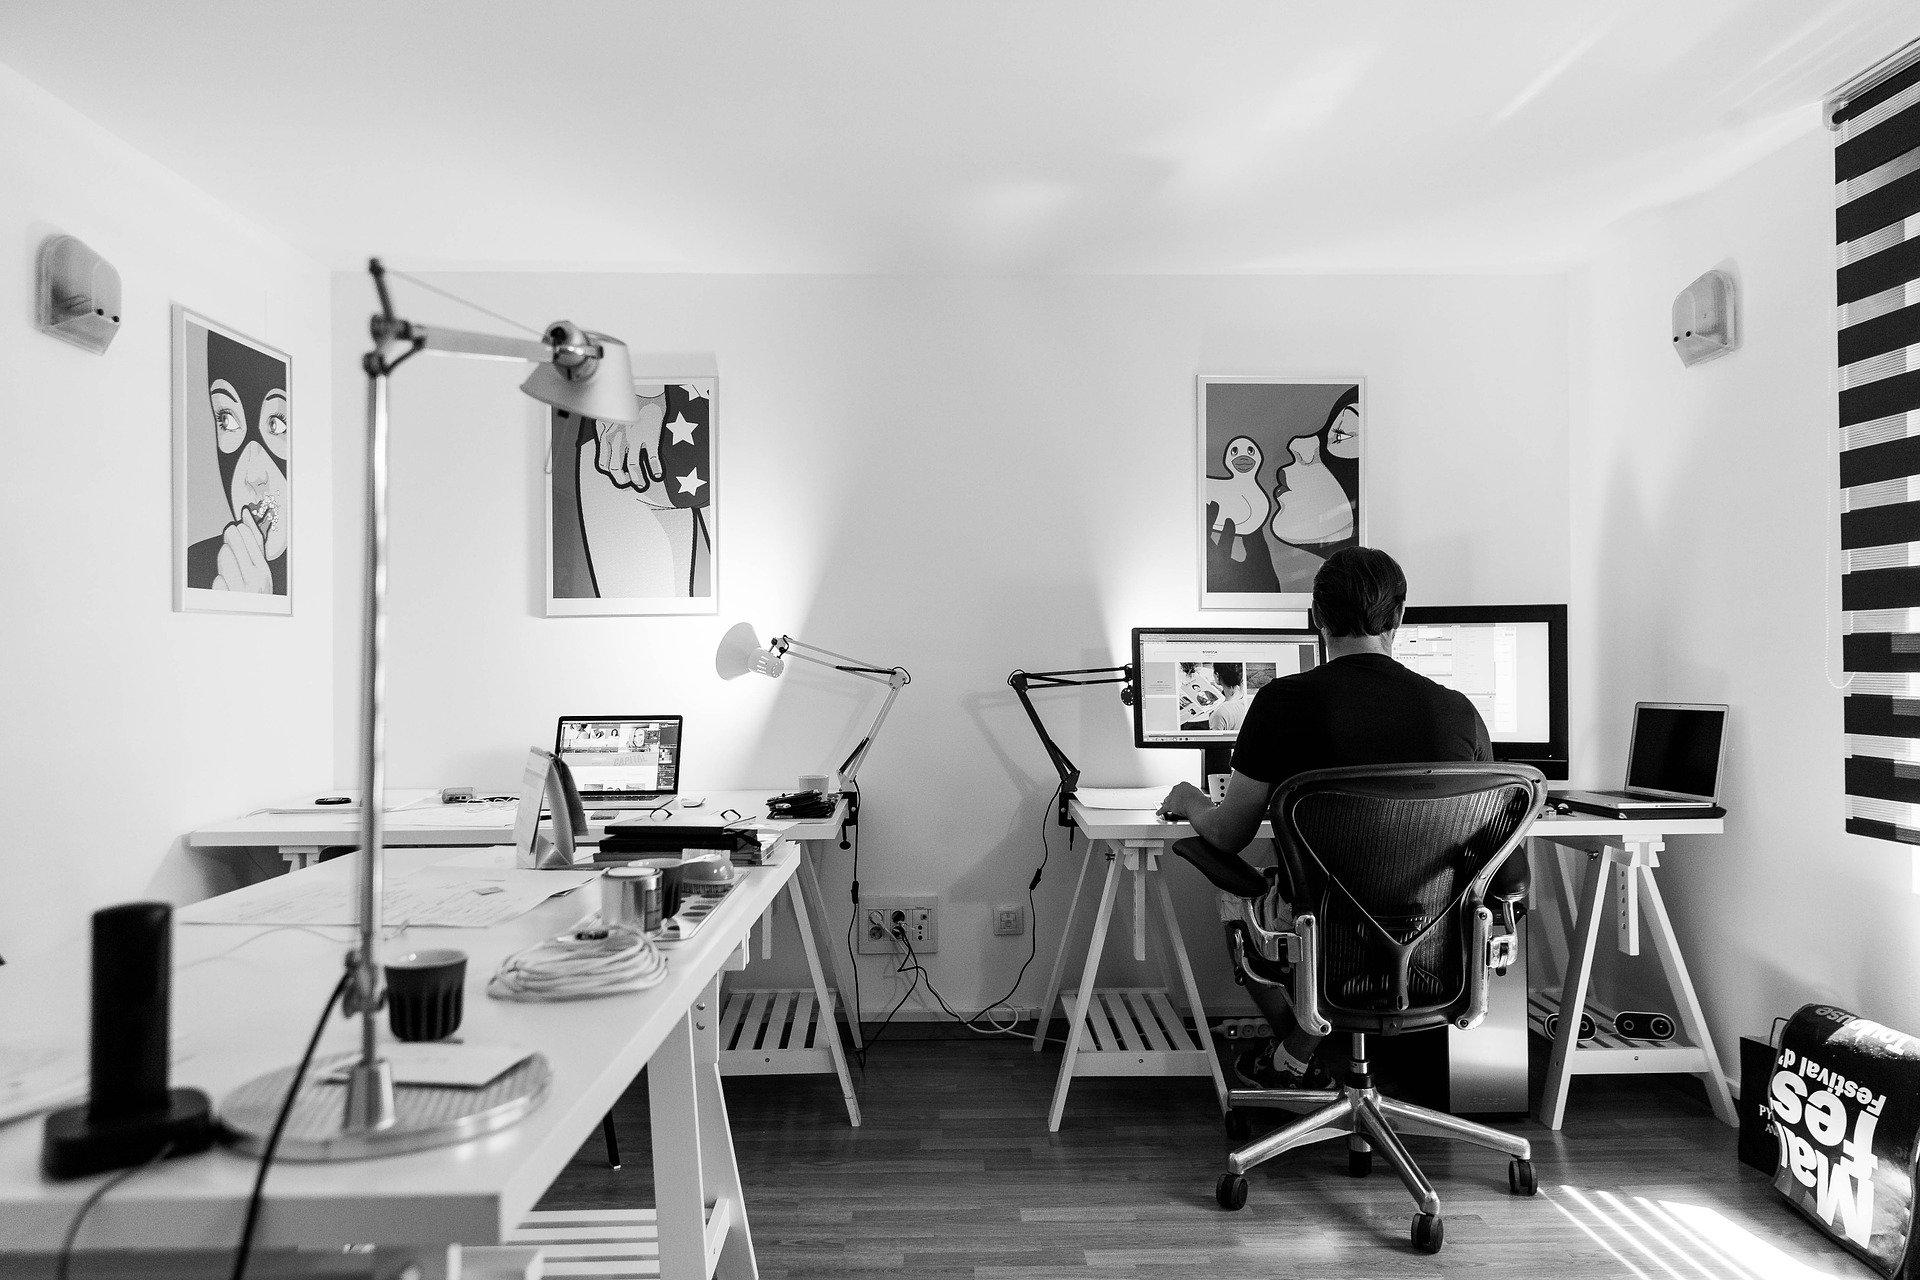 טיפים לעיצוב משרד ביתי